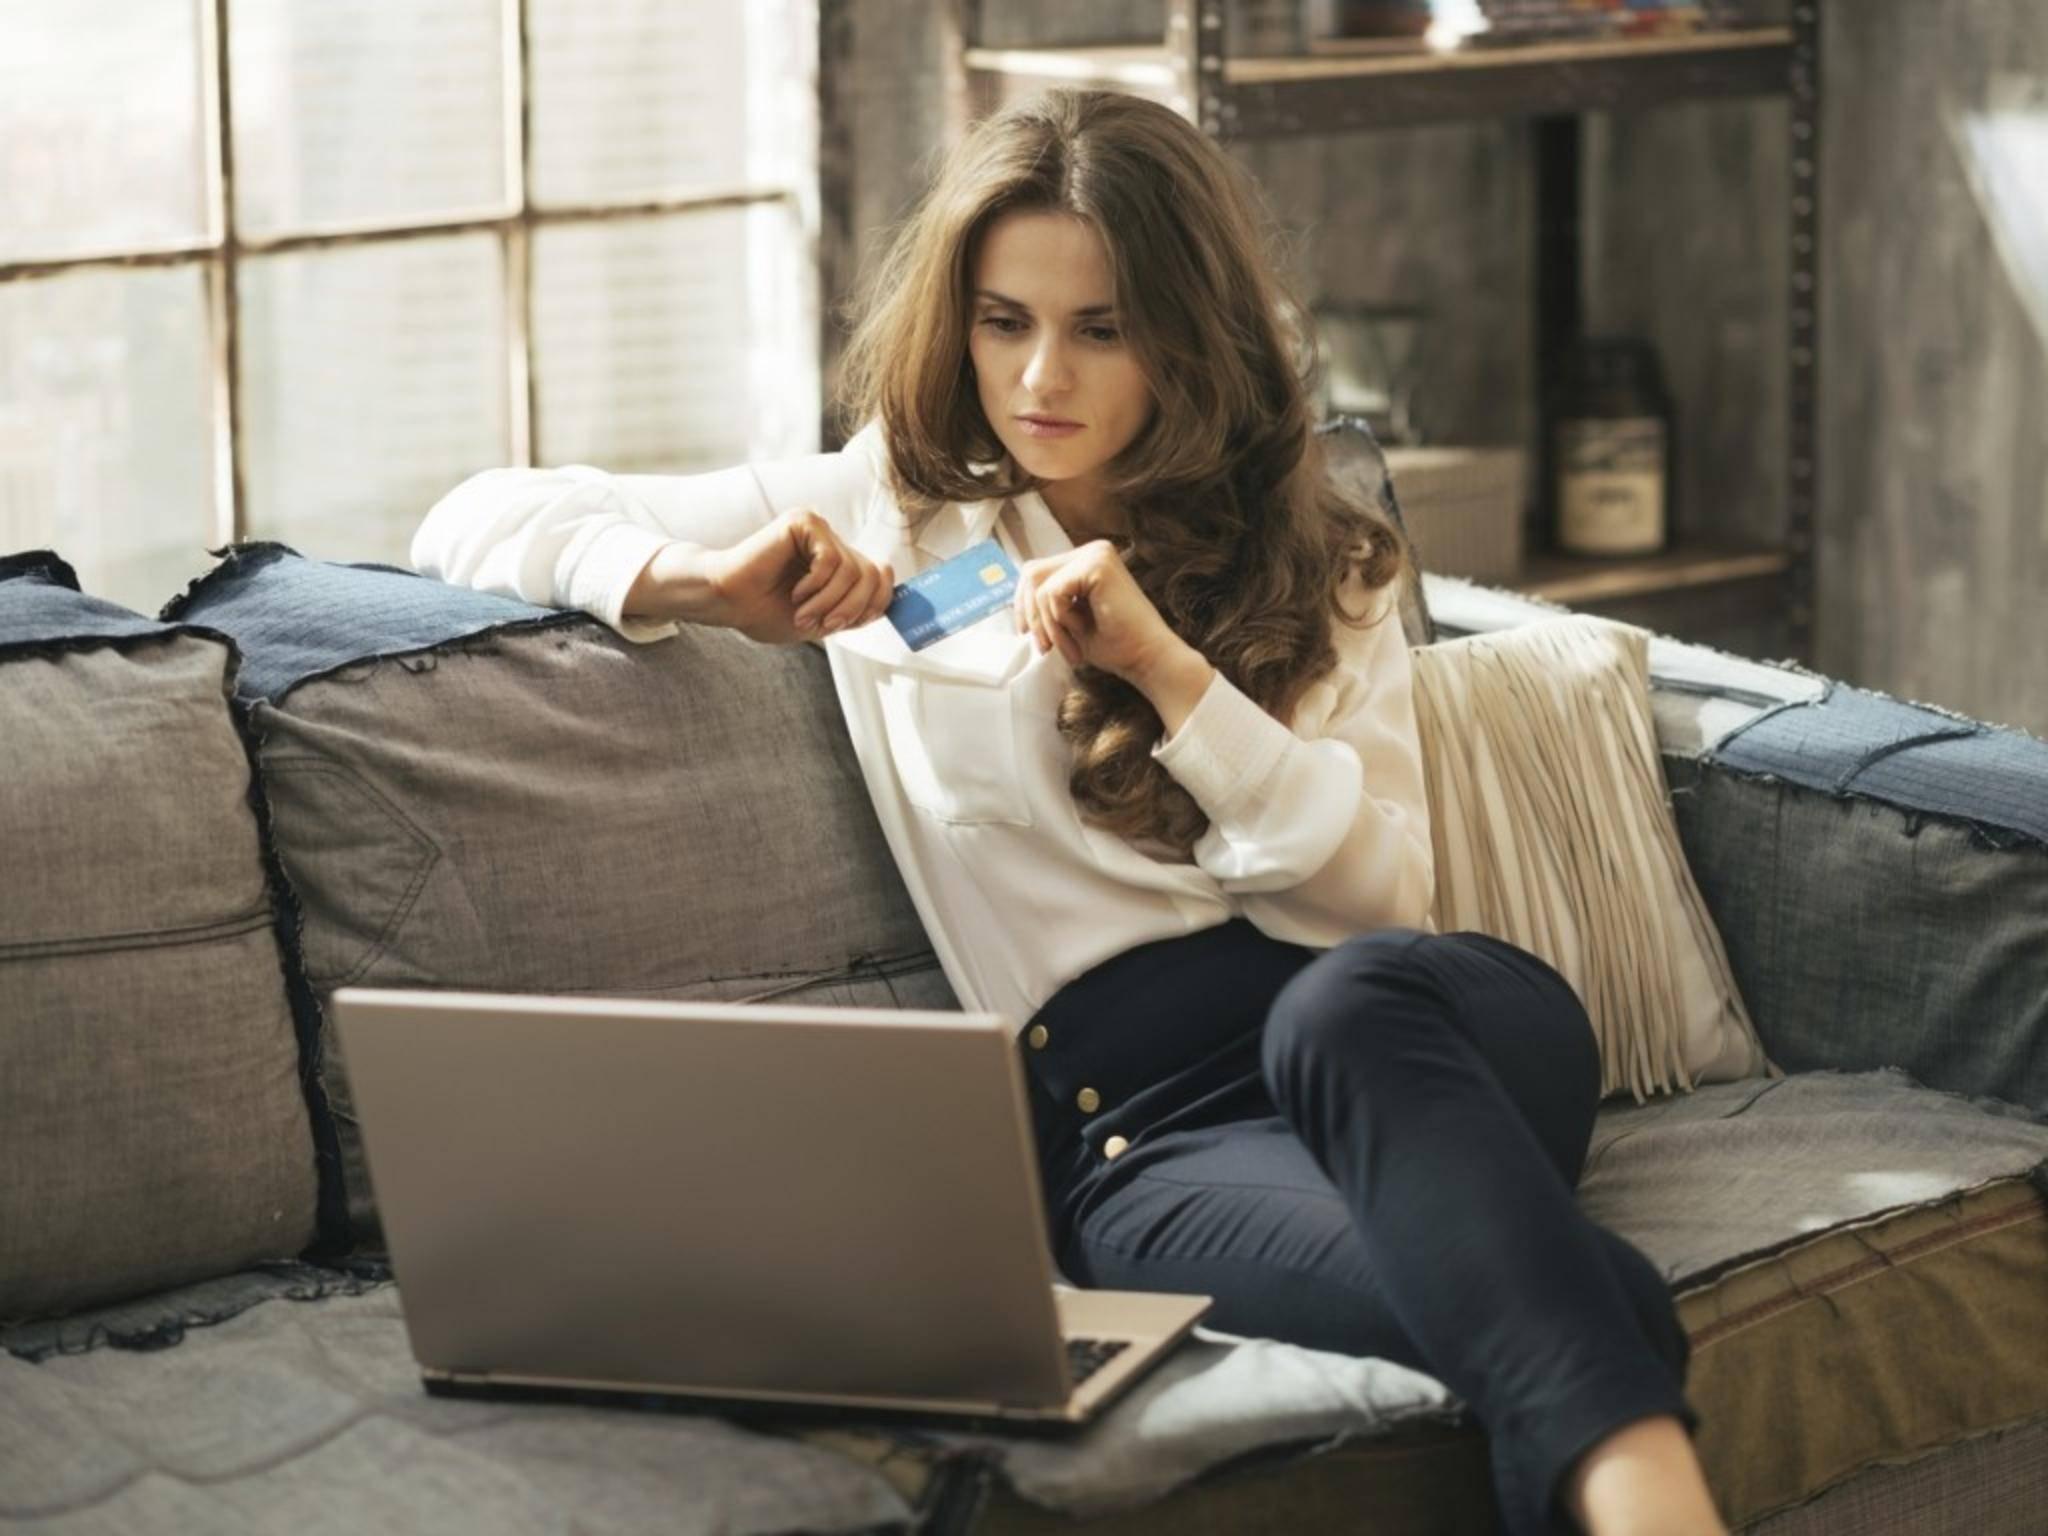 Bevor Du die Kreditkarte zückst, lohnt sich ein Blick auf Gütesiegel des Online-Shops.